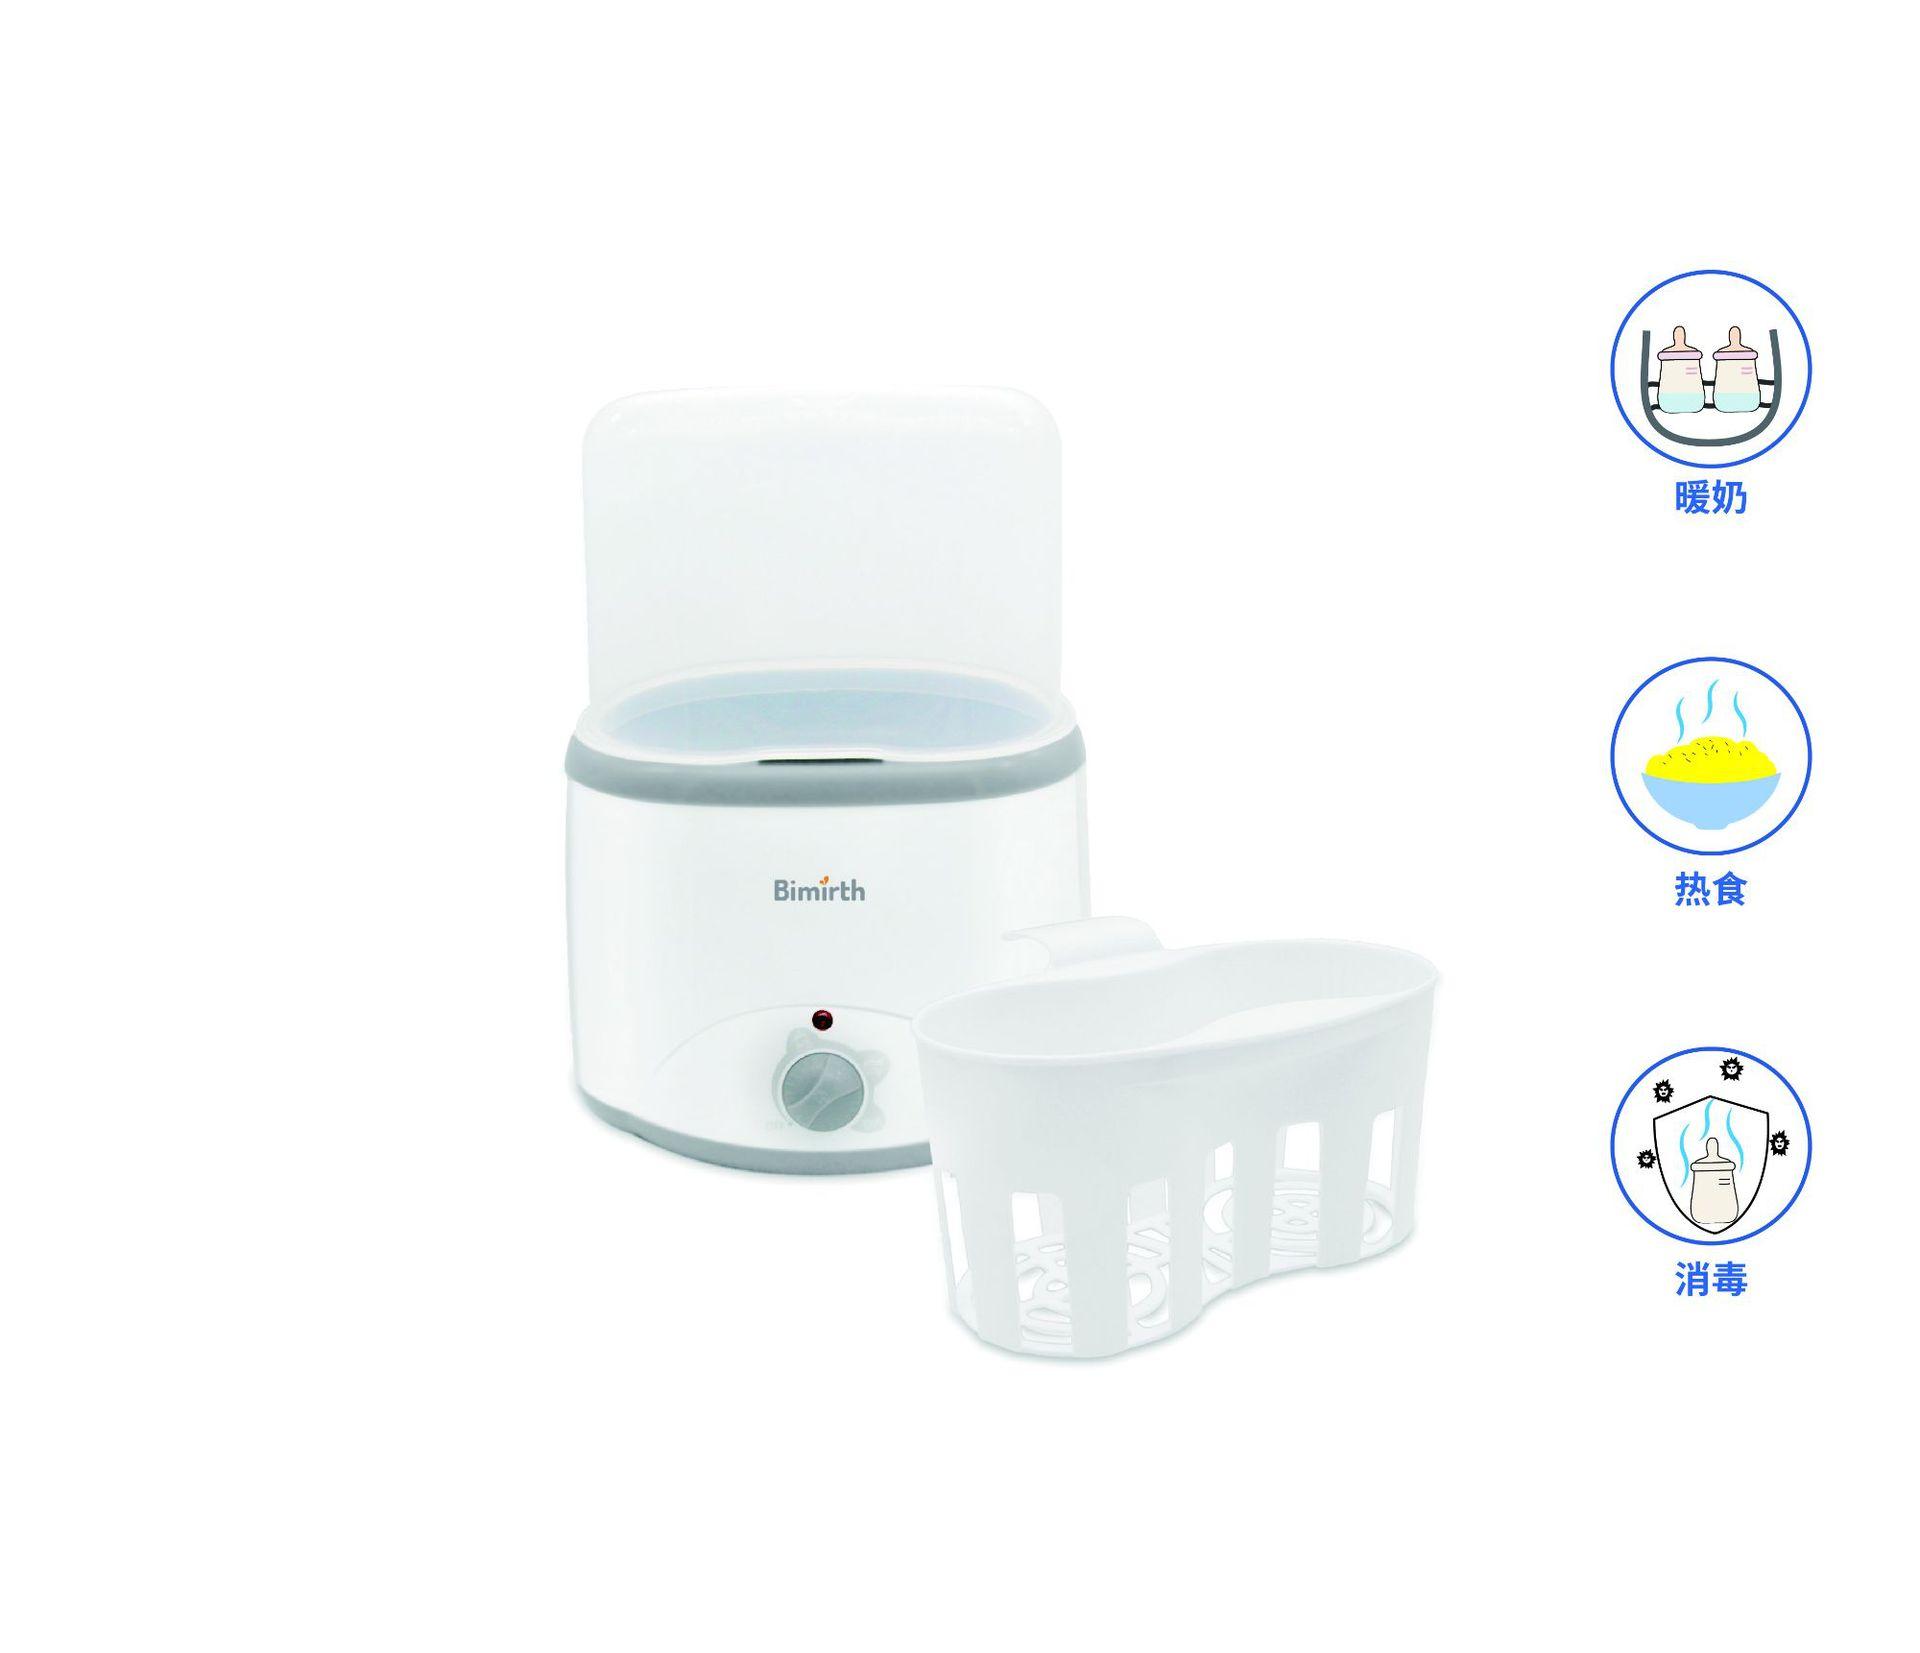 Bimirth Máy giữ ấm sữa Khử trùng sữa ấm ấm sữa giữ nhiệt đa chức năng bình sữa nóng tiệt trùng bình